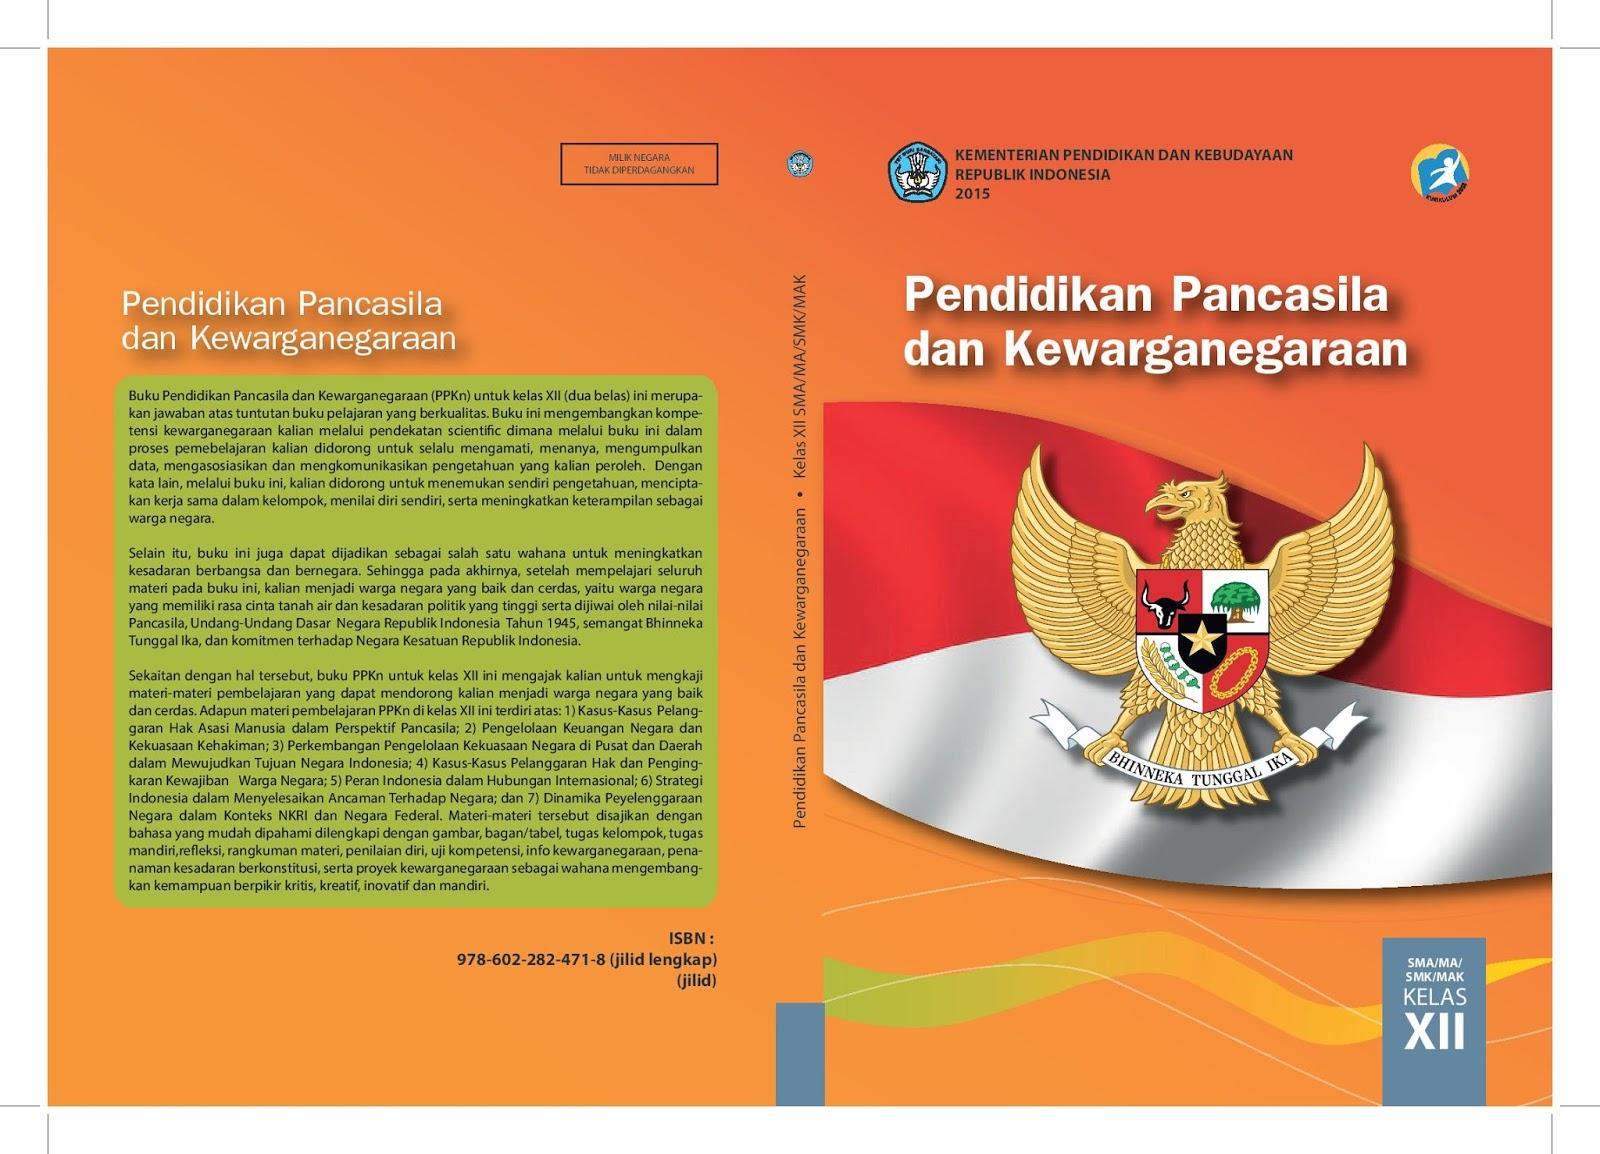 Download Buku Ppkn Kelas Xii Kurikulum 2013 Buku Guru Dan Buku Siswa Ruang Kimia